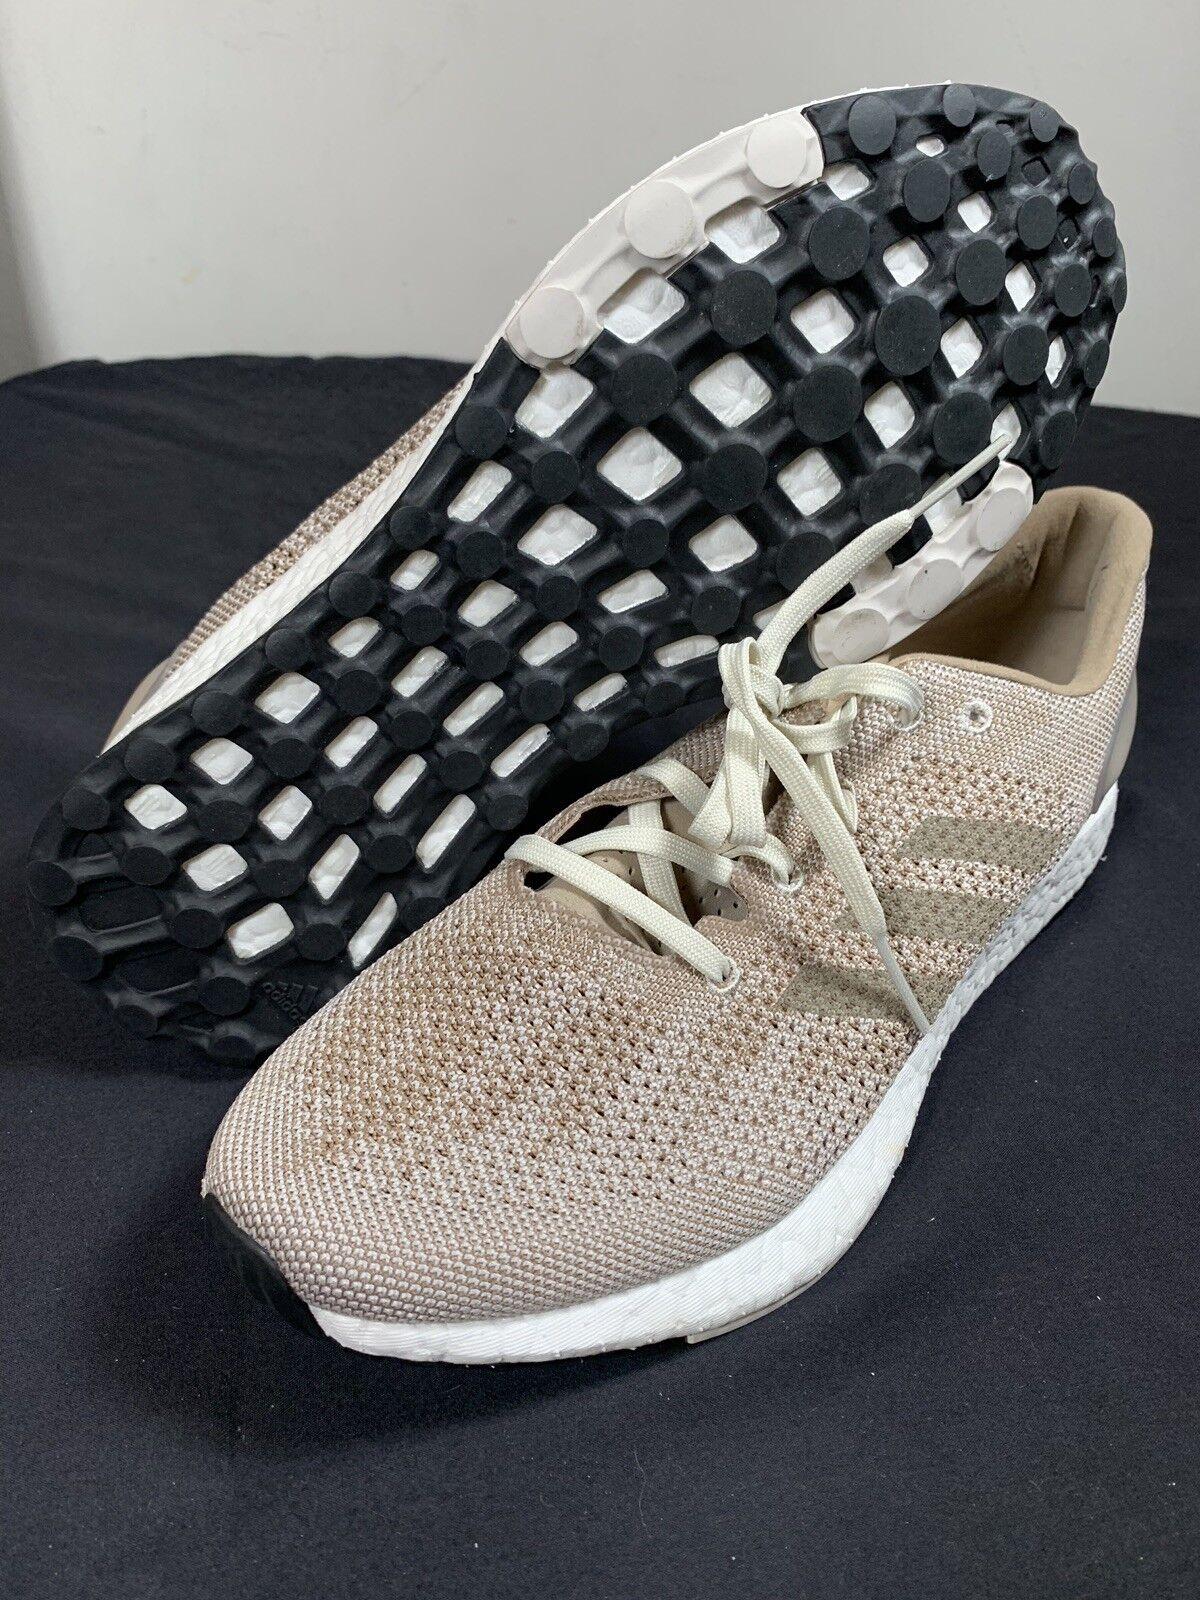 Männer adidas pureboost dpr / laufschuhe khaki / braun / dpr schwarz s82013 sz.8. 05bce9